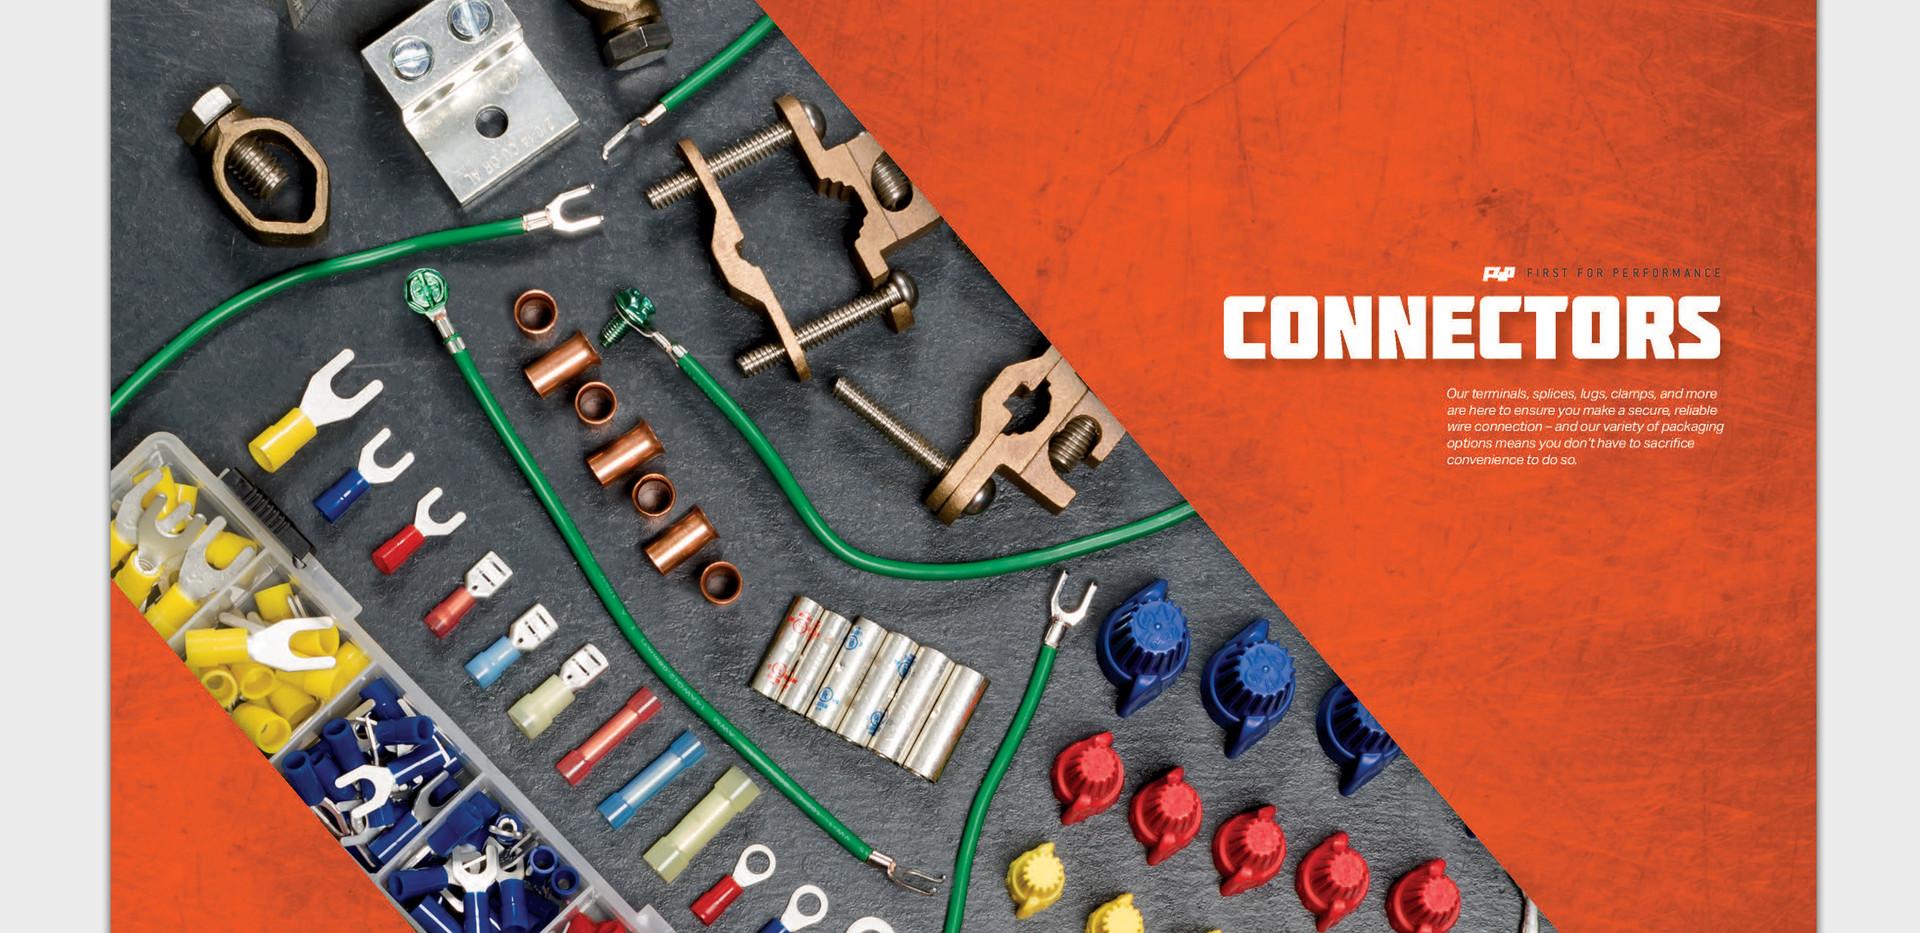 Connectors_Catalog.jpg